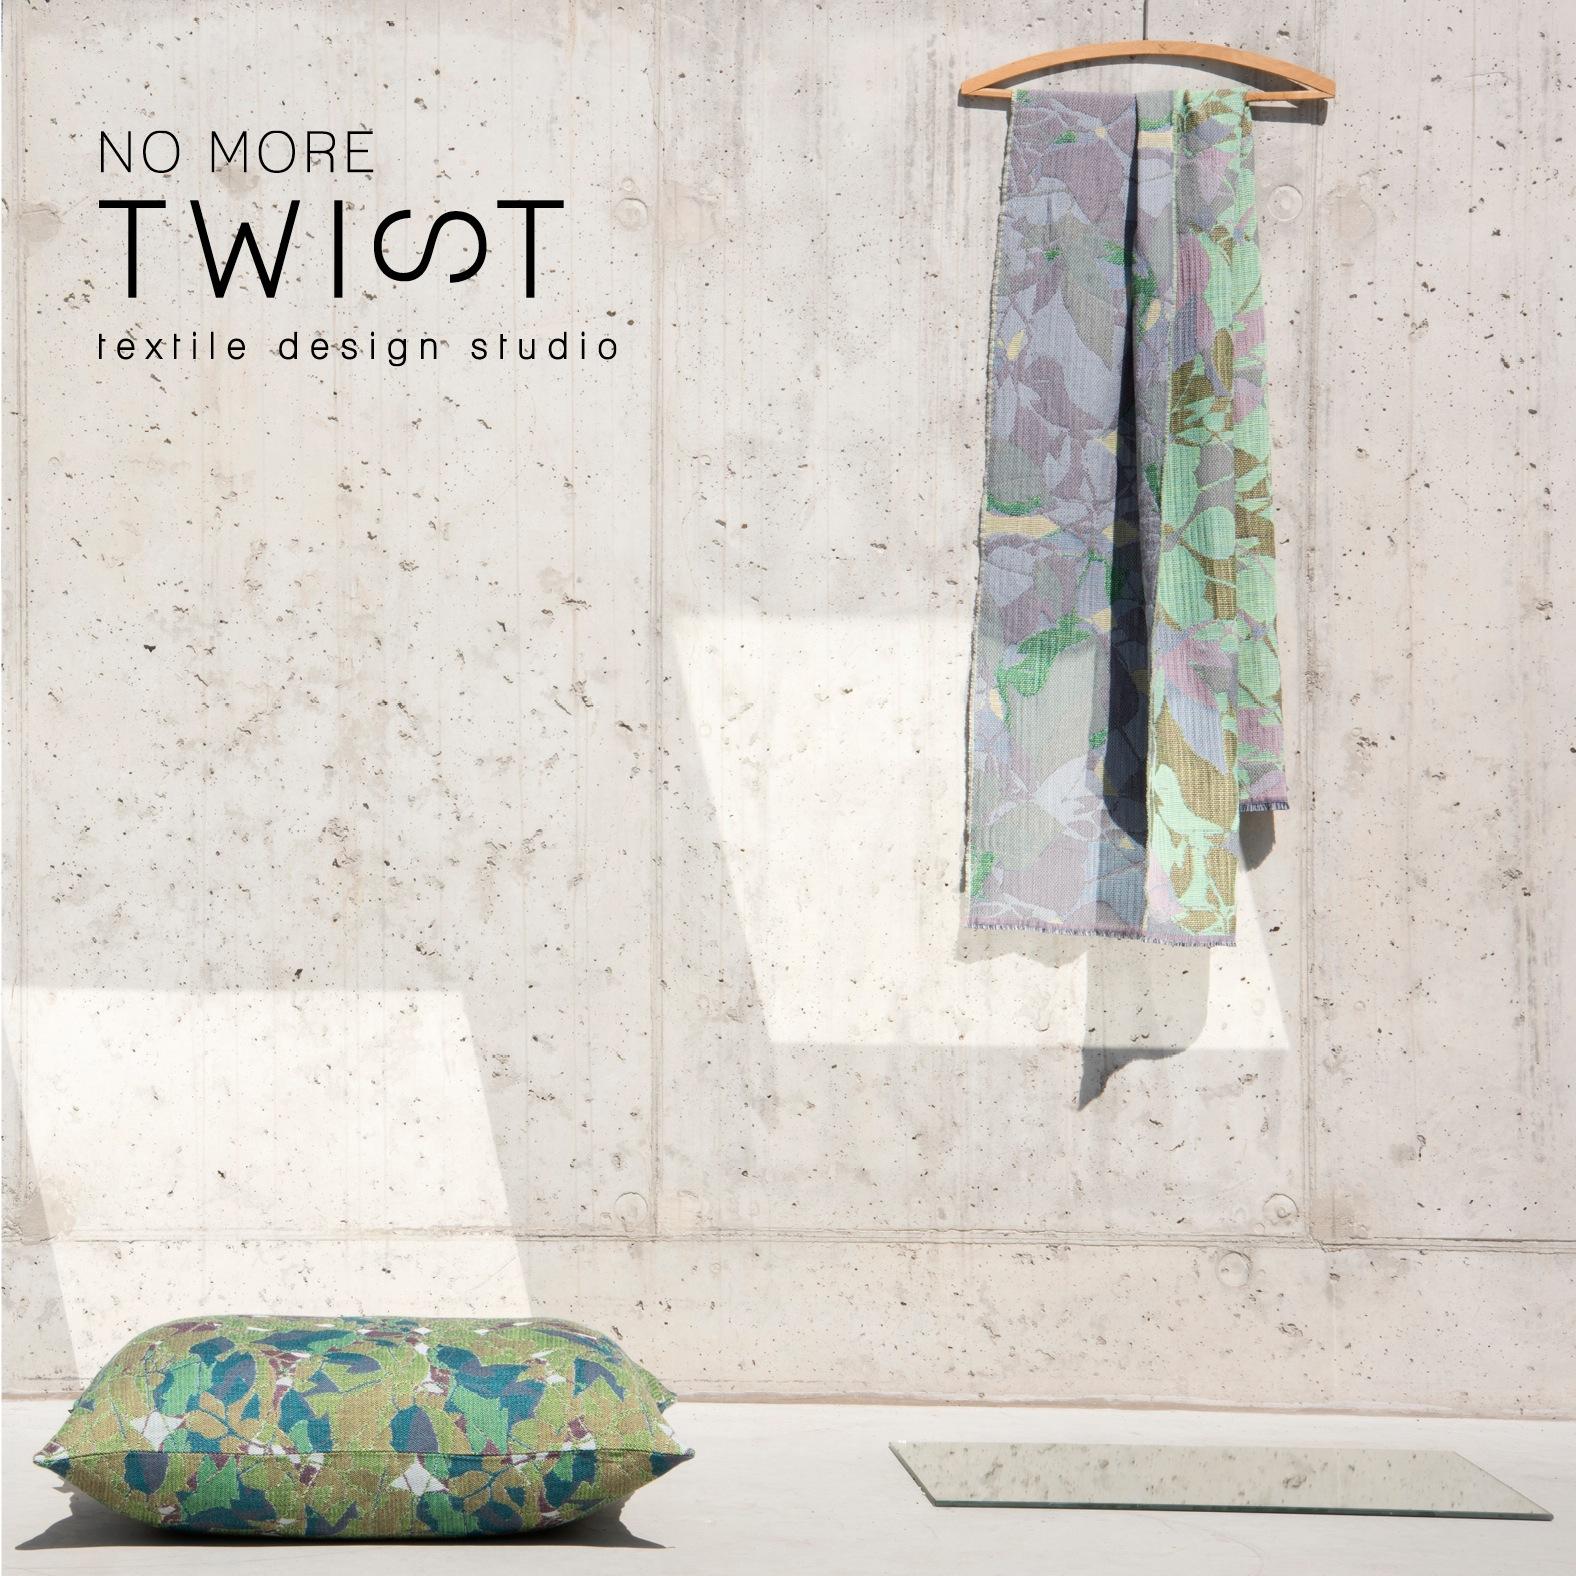 A la fois lieu de recherche et marque d'objets textiles, le projet  NoMoreTwist  réunit Marie Beguin, Anne de Prémare et Michèle Populer autour d'un métier à tisser. L'ADN de la marque, c'est le textile tissé. Chaque nouvelle réalisation part d'une réflexion sur le fil lui-même, son épaisseur, sa texture, sa couleur et, surtout, les multiples manières de l'entrecroiser. Les collections sont 100% produites en Belgique, en collaboration étroite avec un tisseur et un atelier de confection.